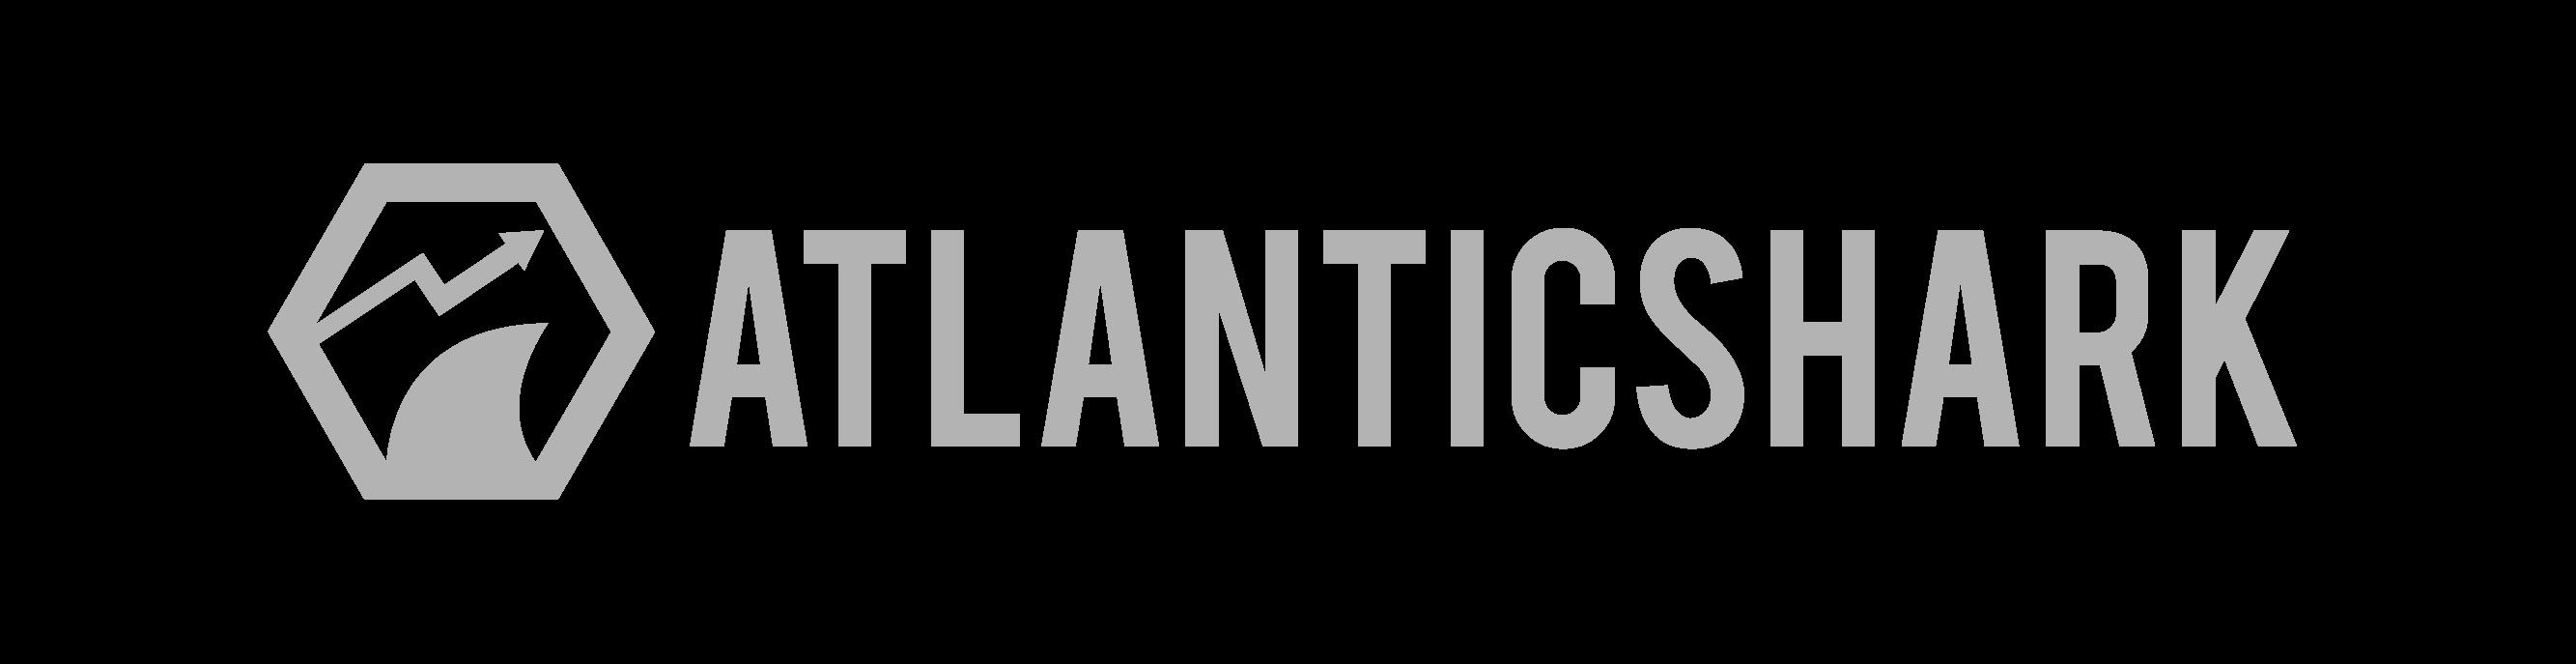 Atlantic Shark